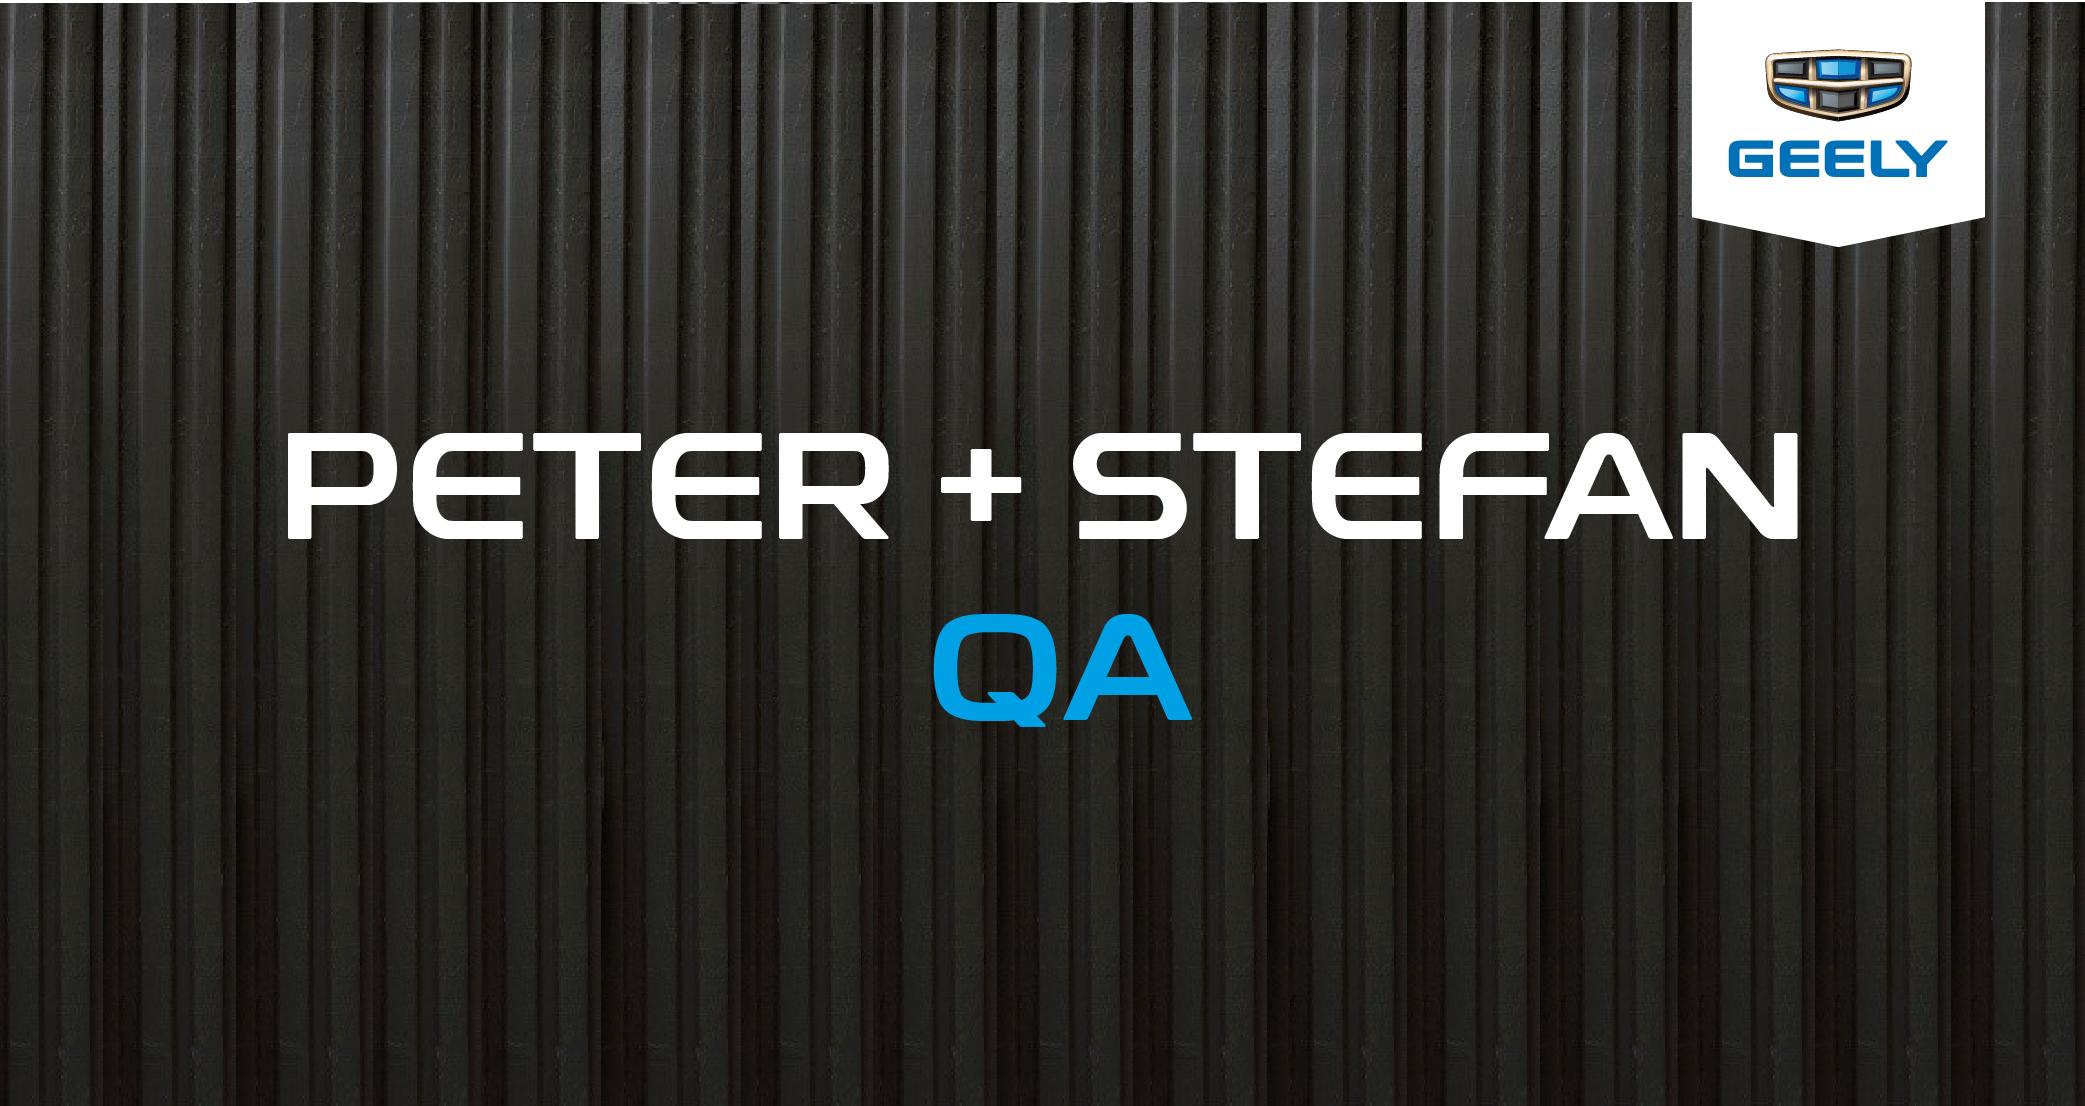 Peter y Stefan QA Geely